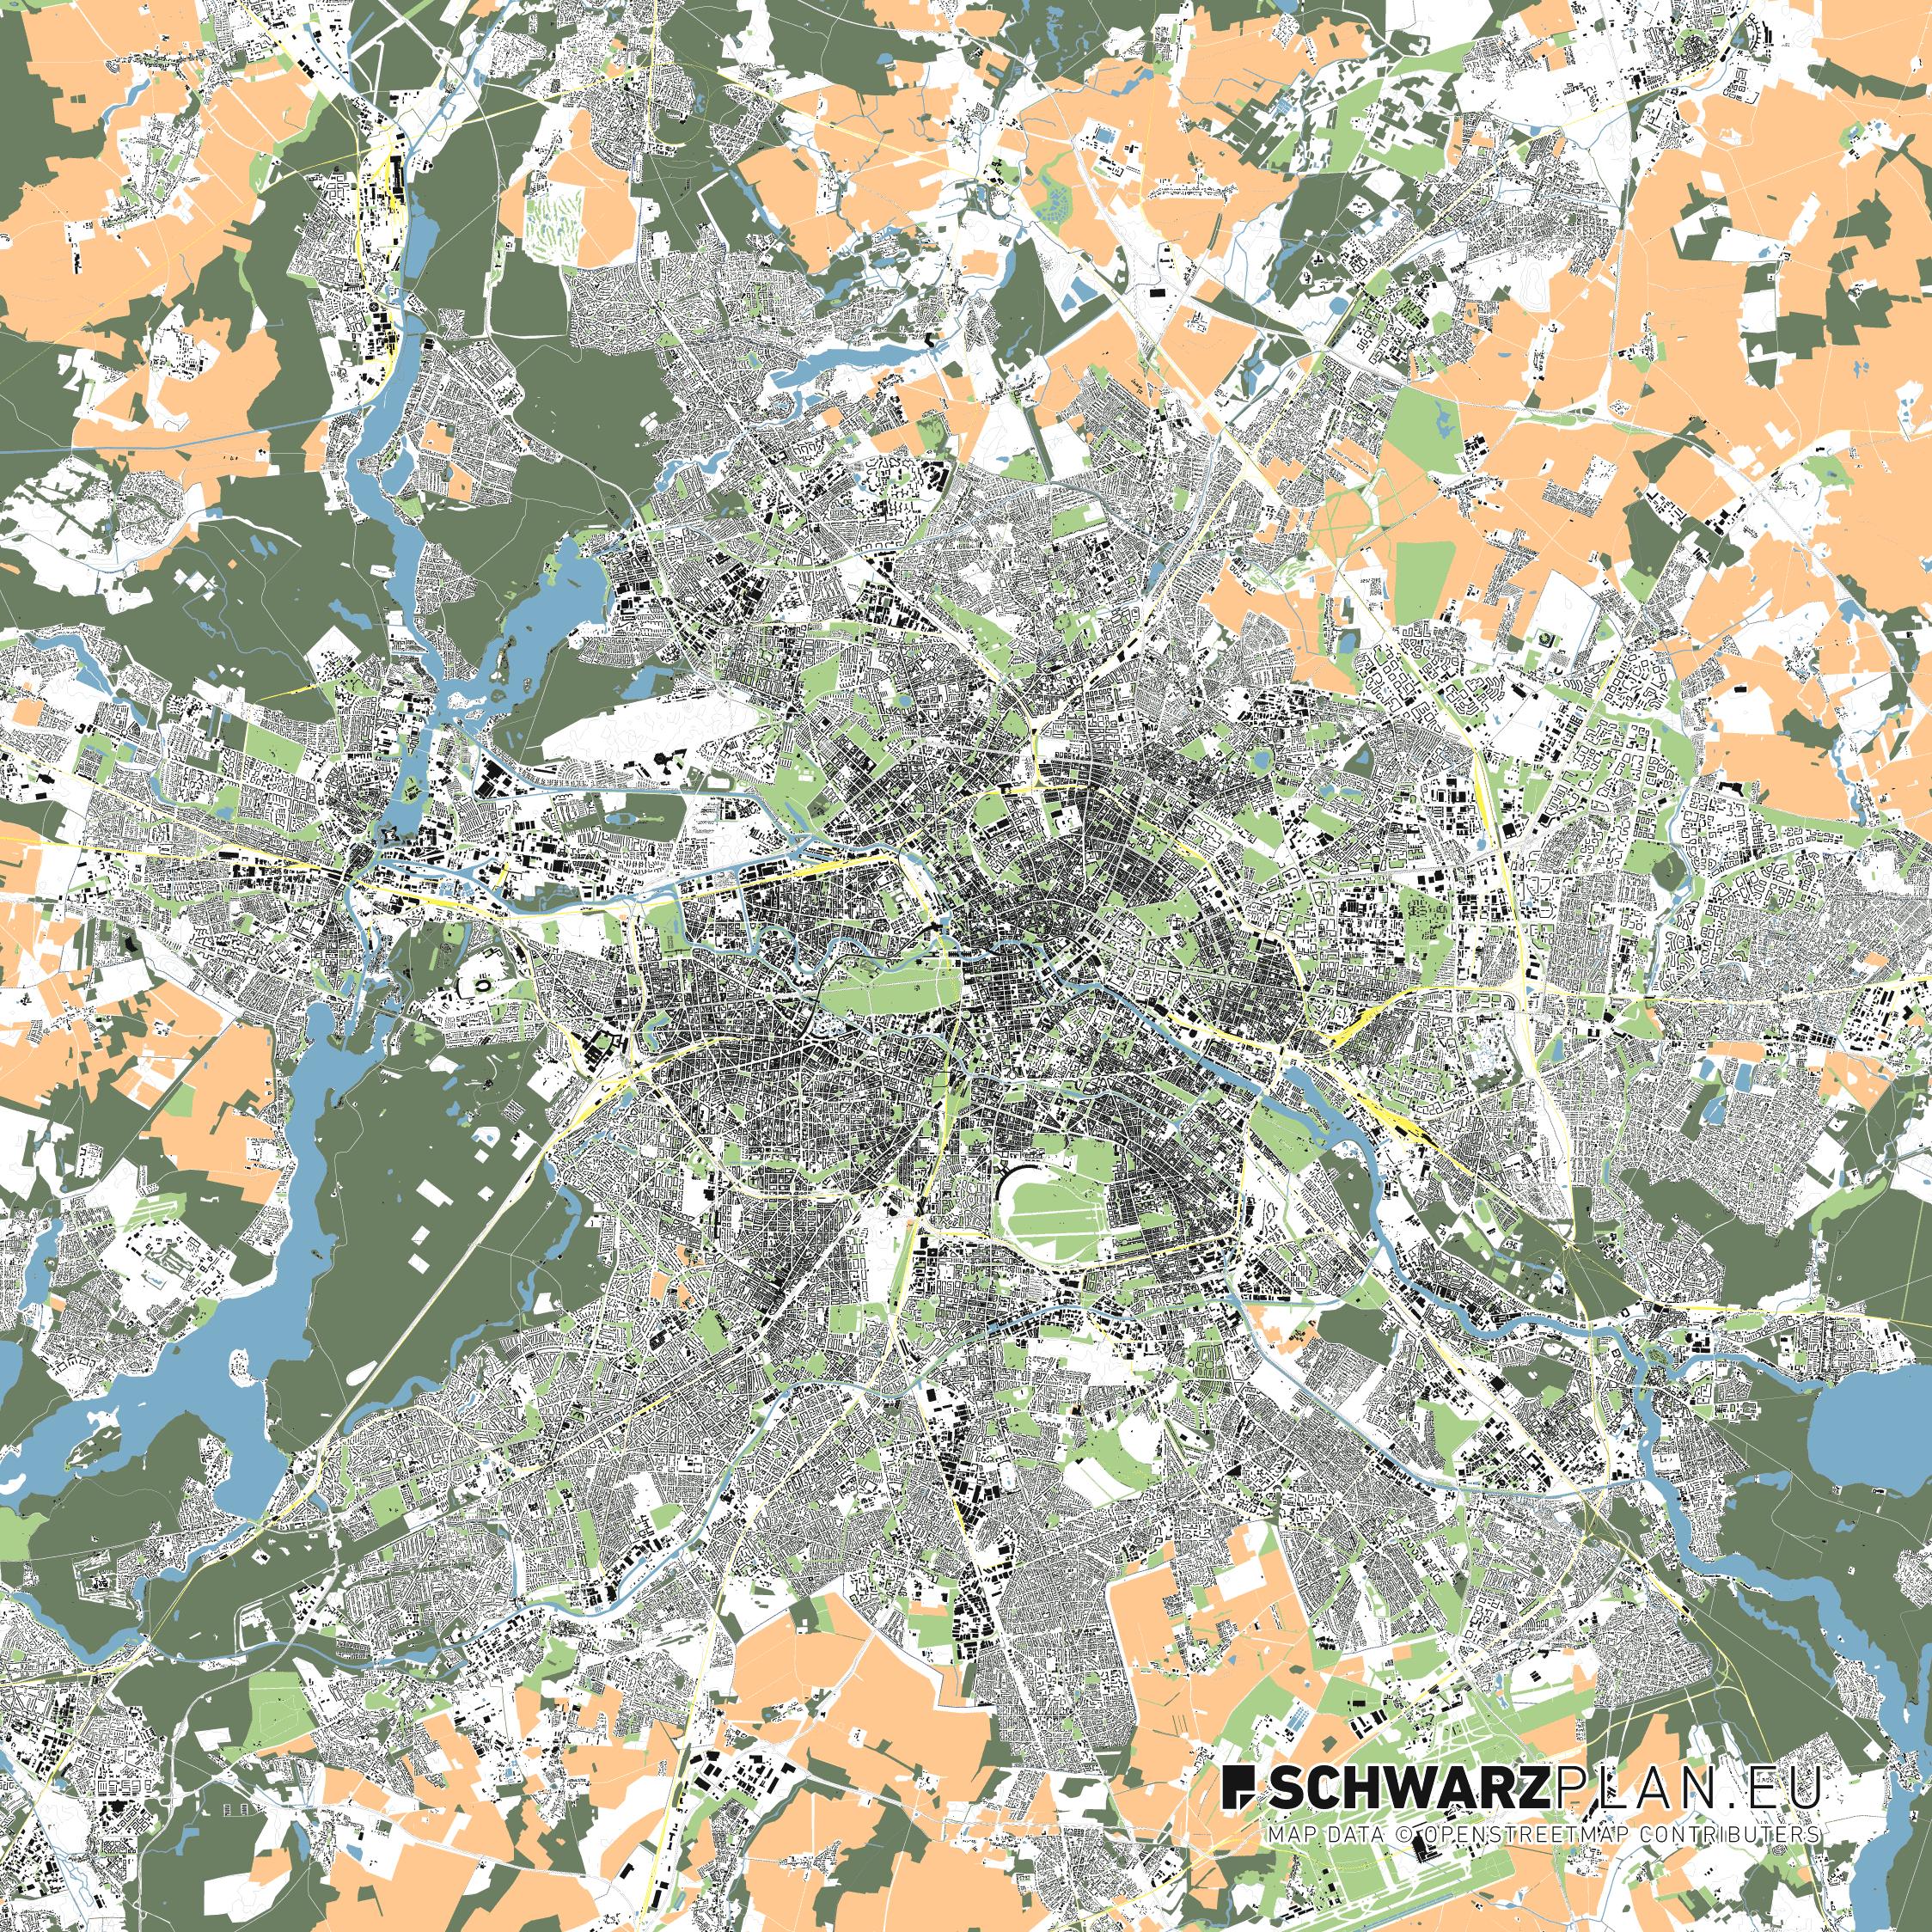 Lageplan von Berlin mit Strassen, Schienen & Waldflächen